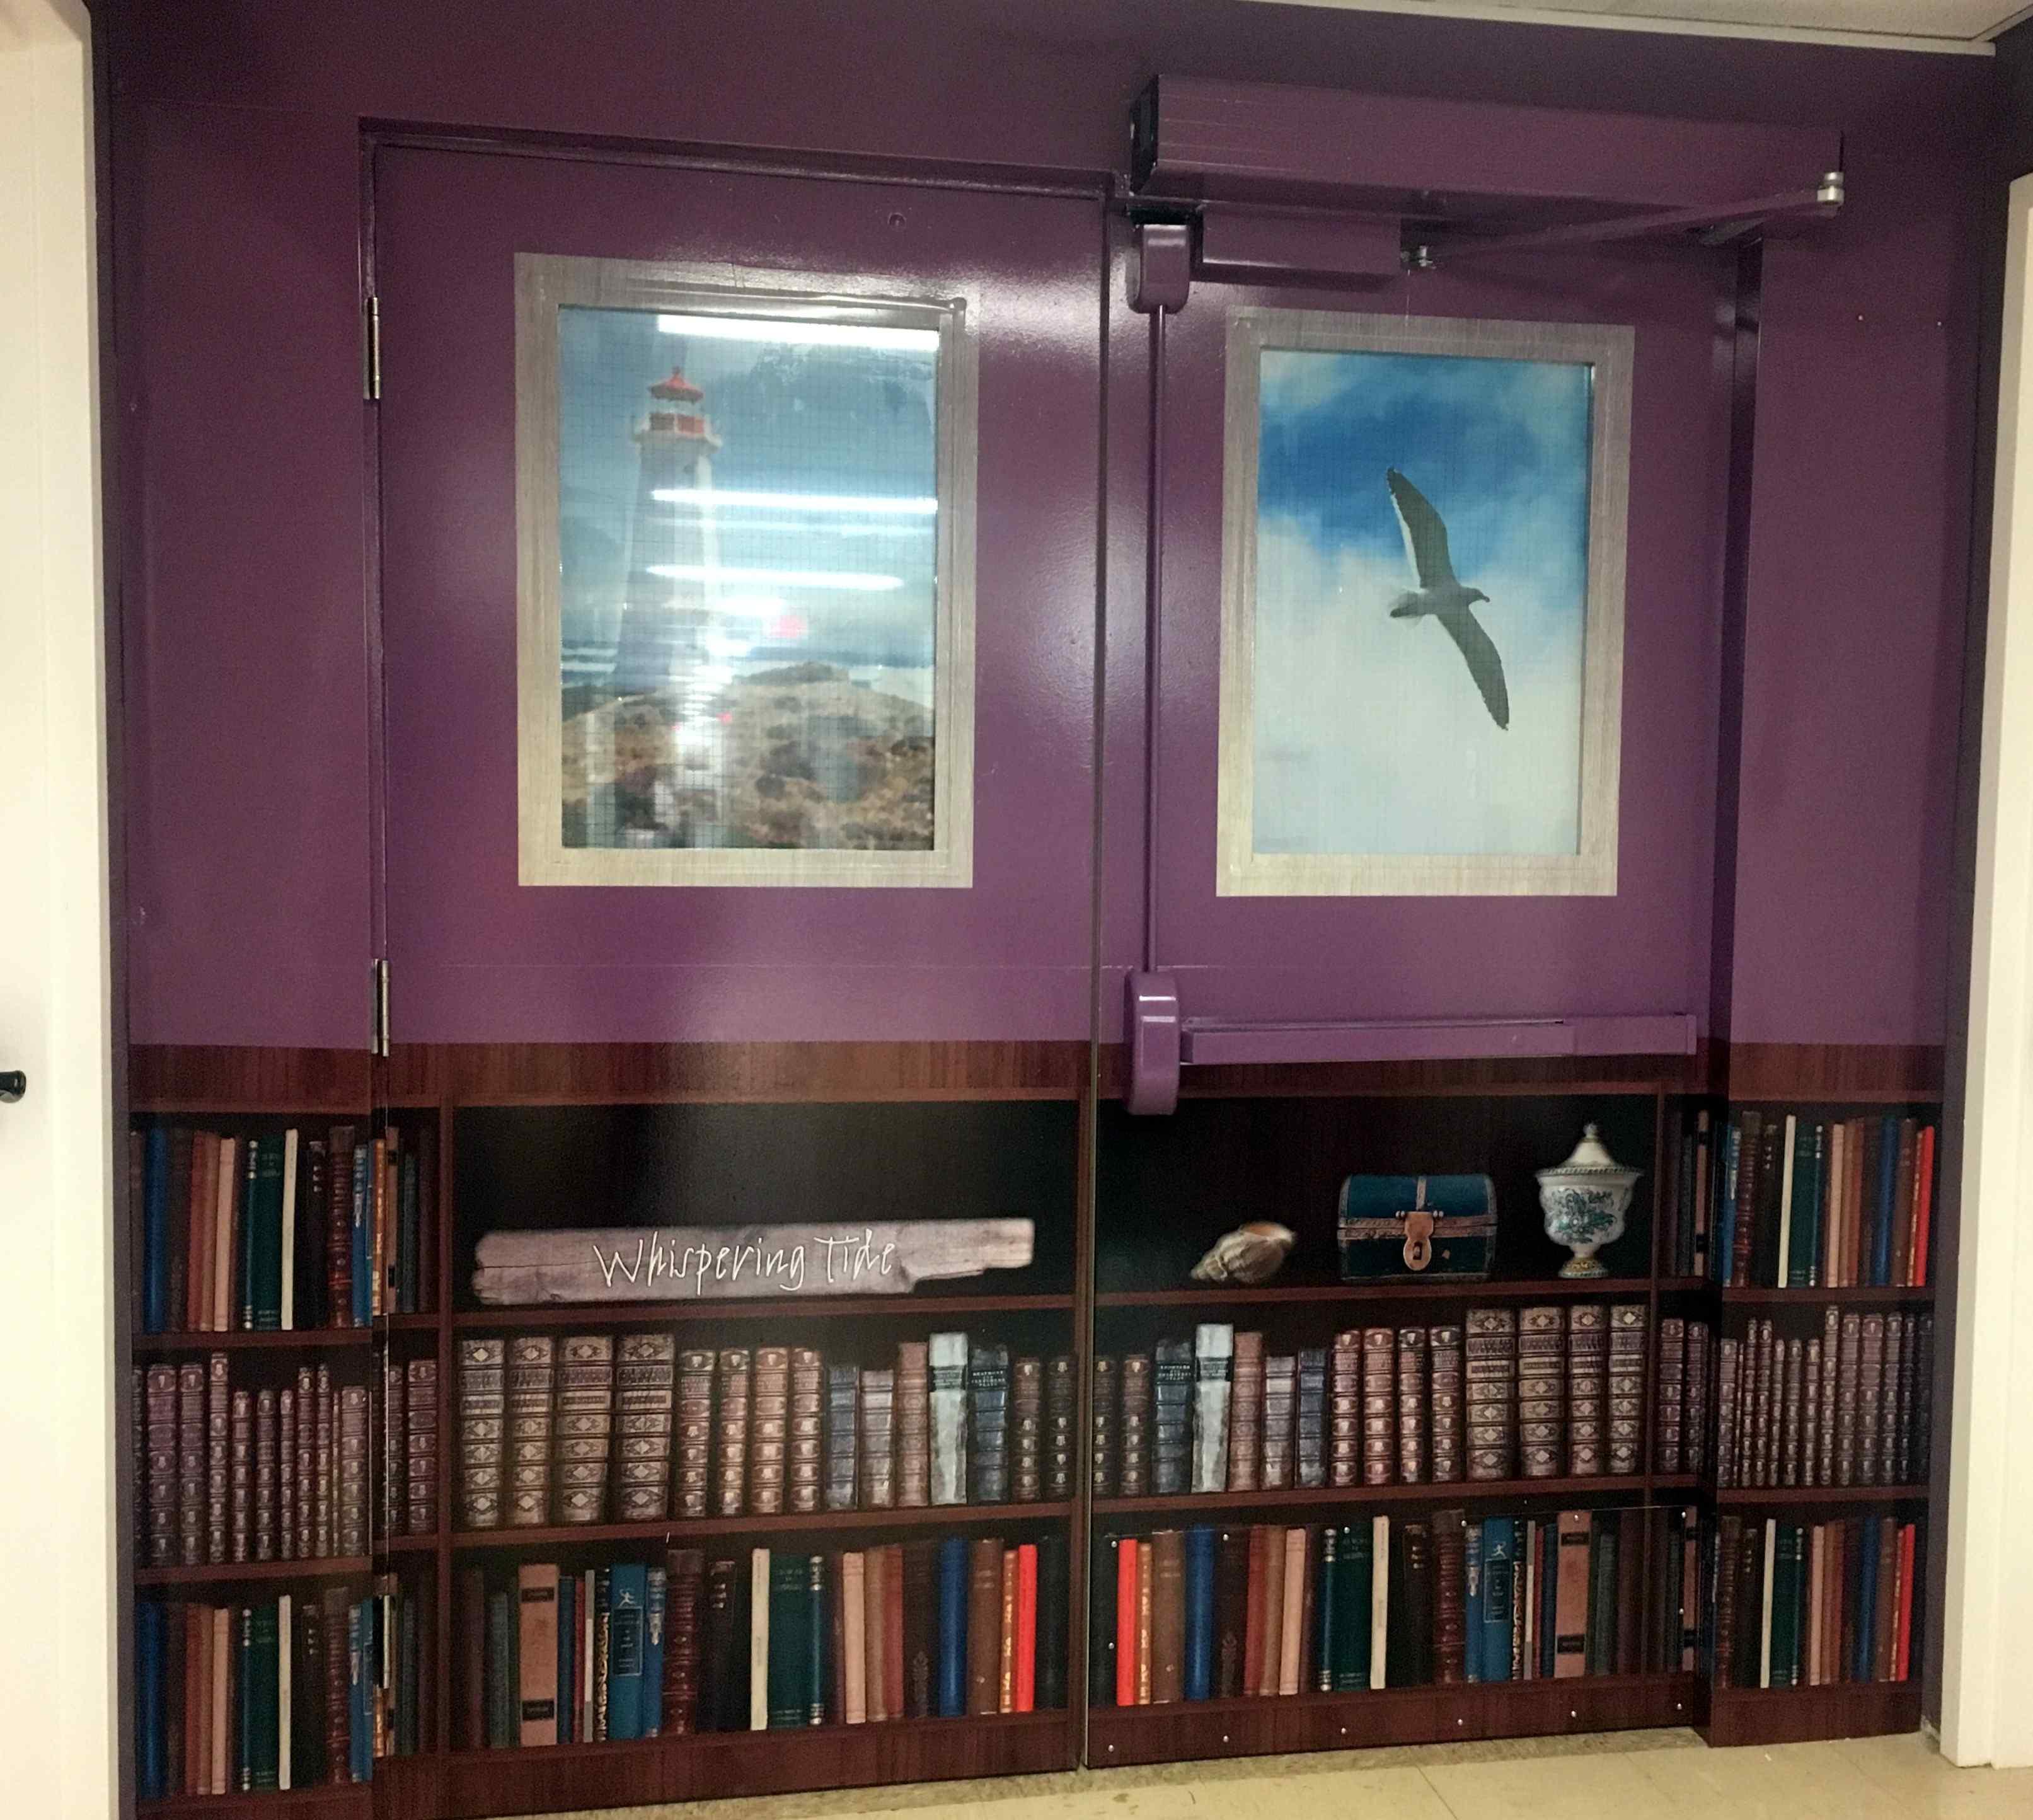 Bookshelf Door Wrap U0026 Spring Renos Giving Glen Haven Residents Increased  Comfort